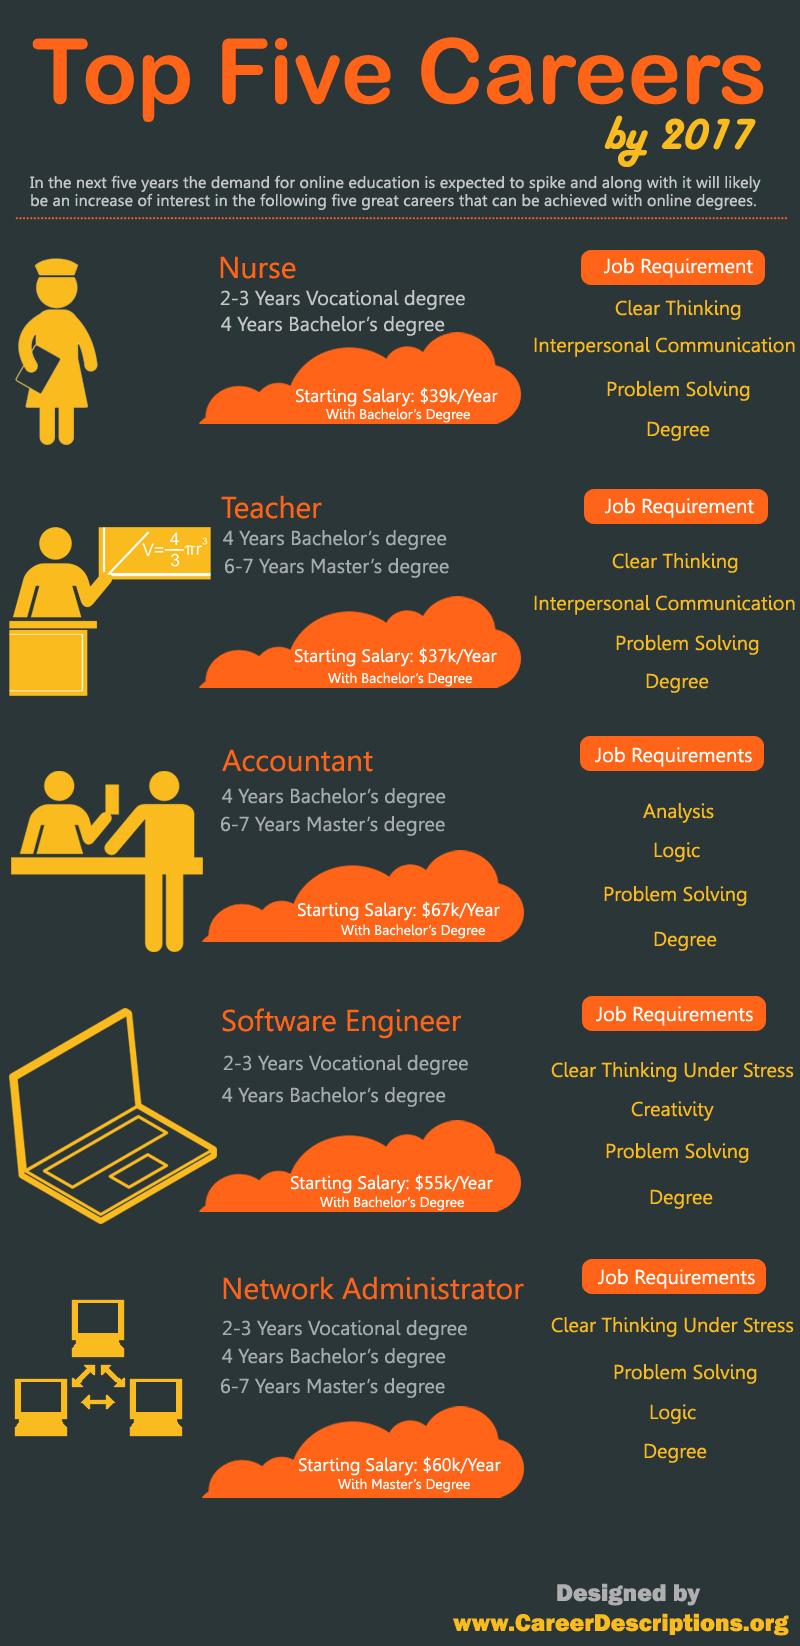 Top-5-Careers